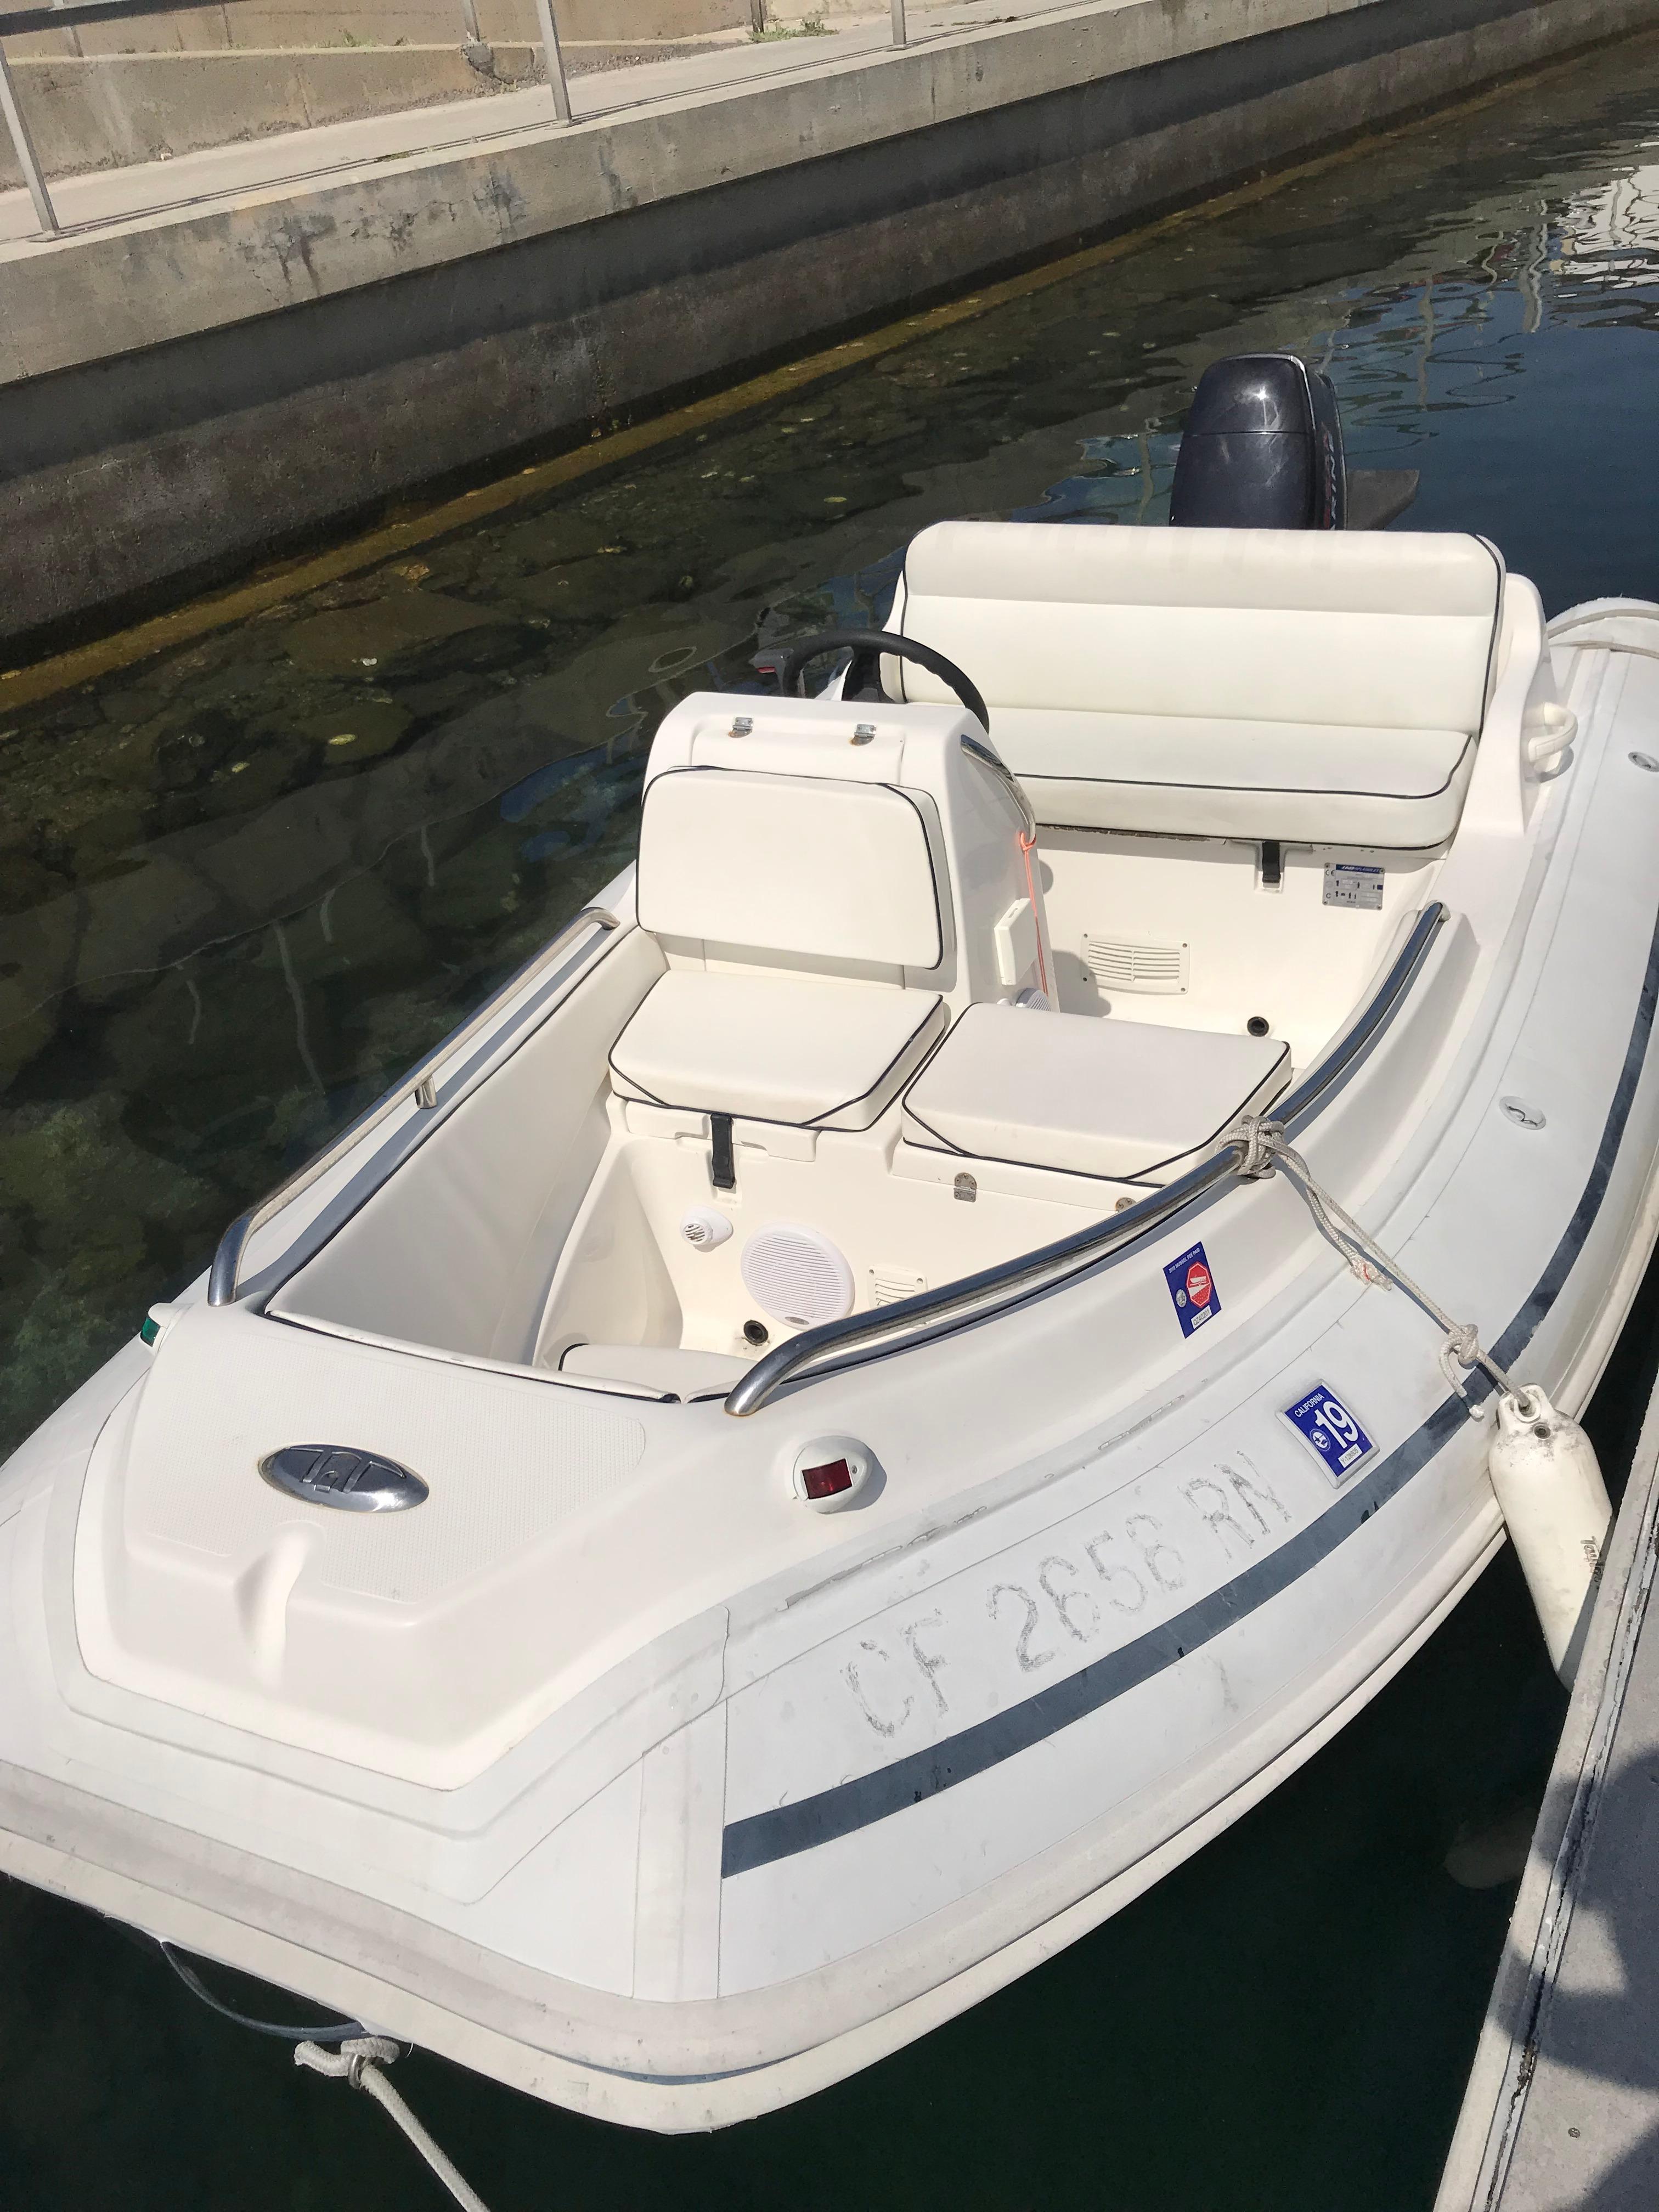 AB Inflatables DLX Nautilus